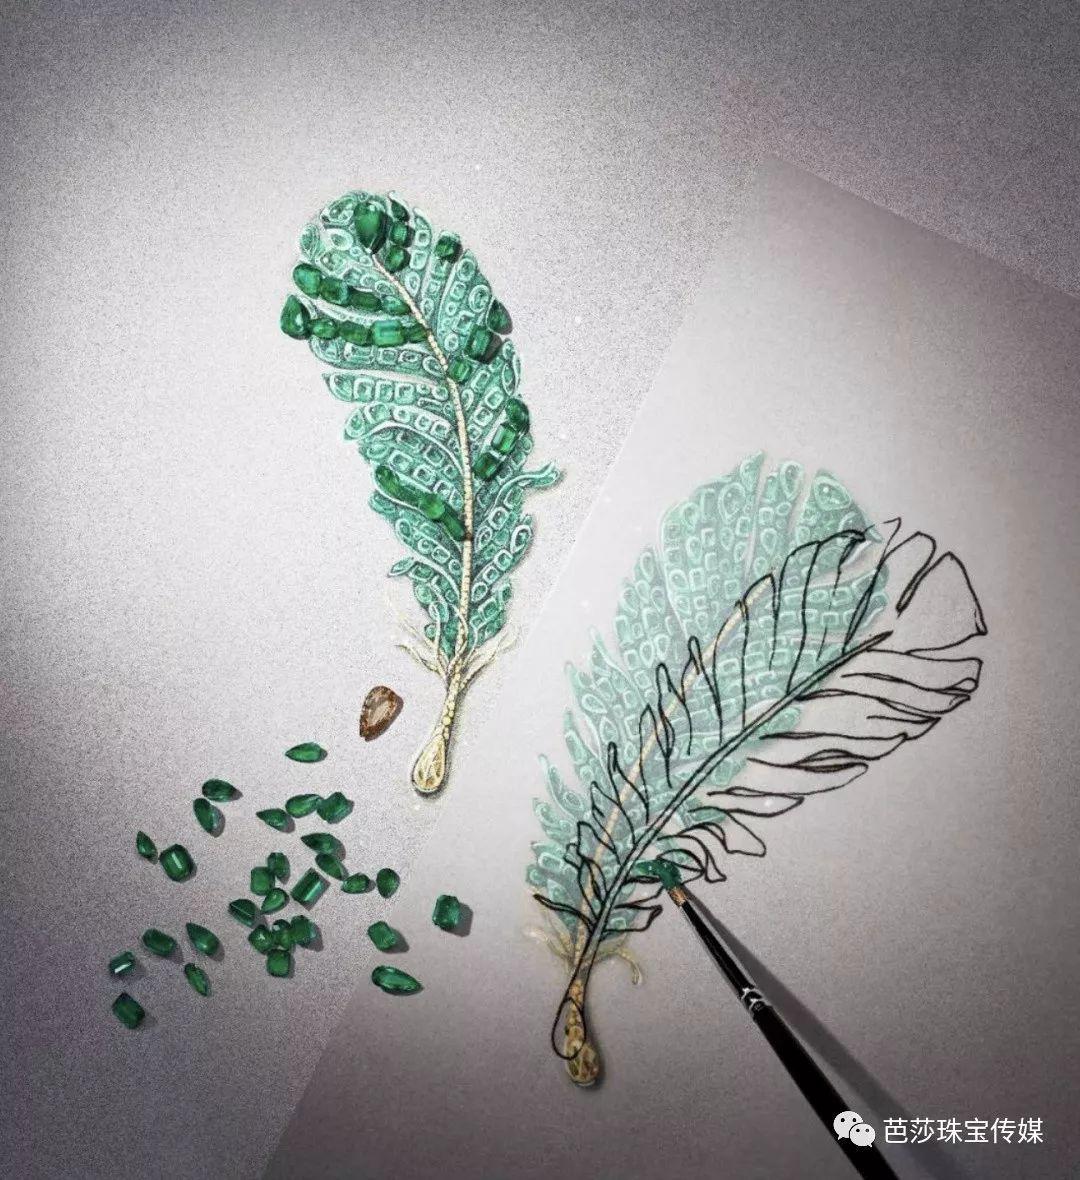 珠宝腕表那些事|华人珠宝设计师之光携新作闪耀香港!